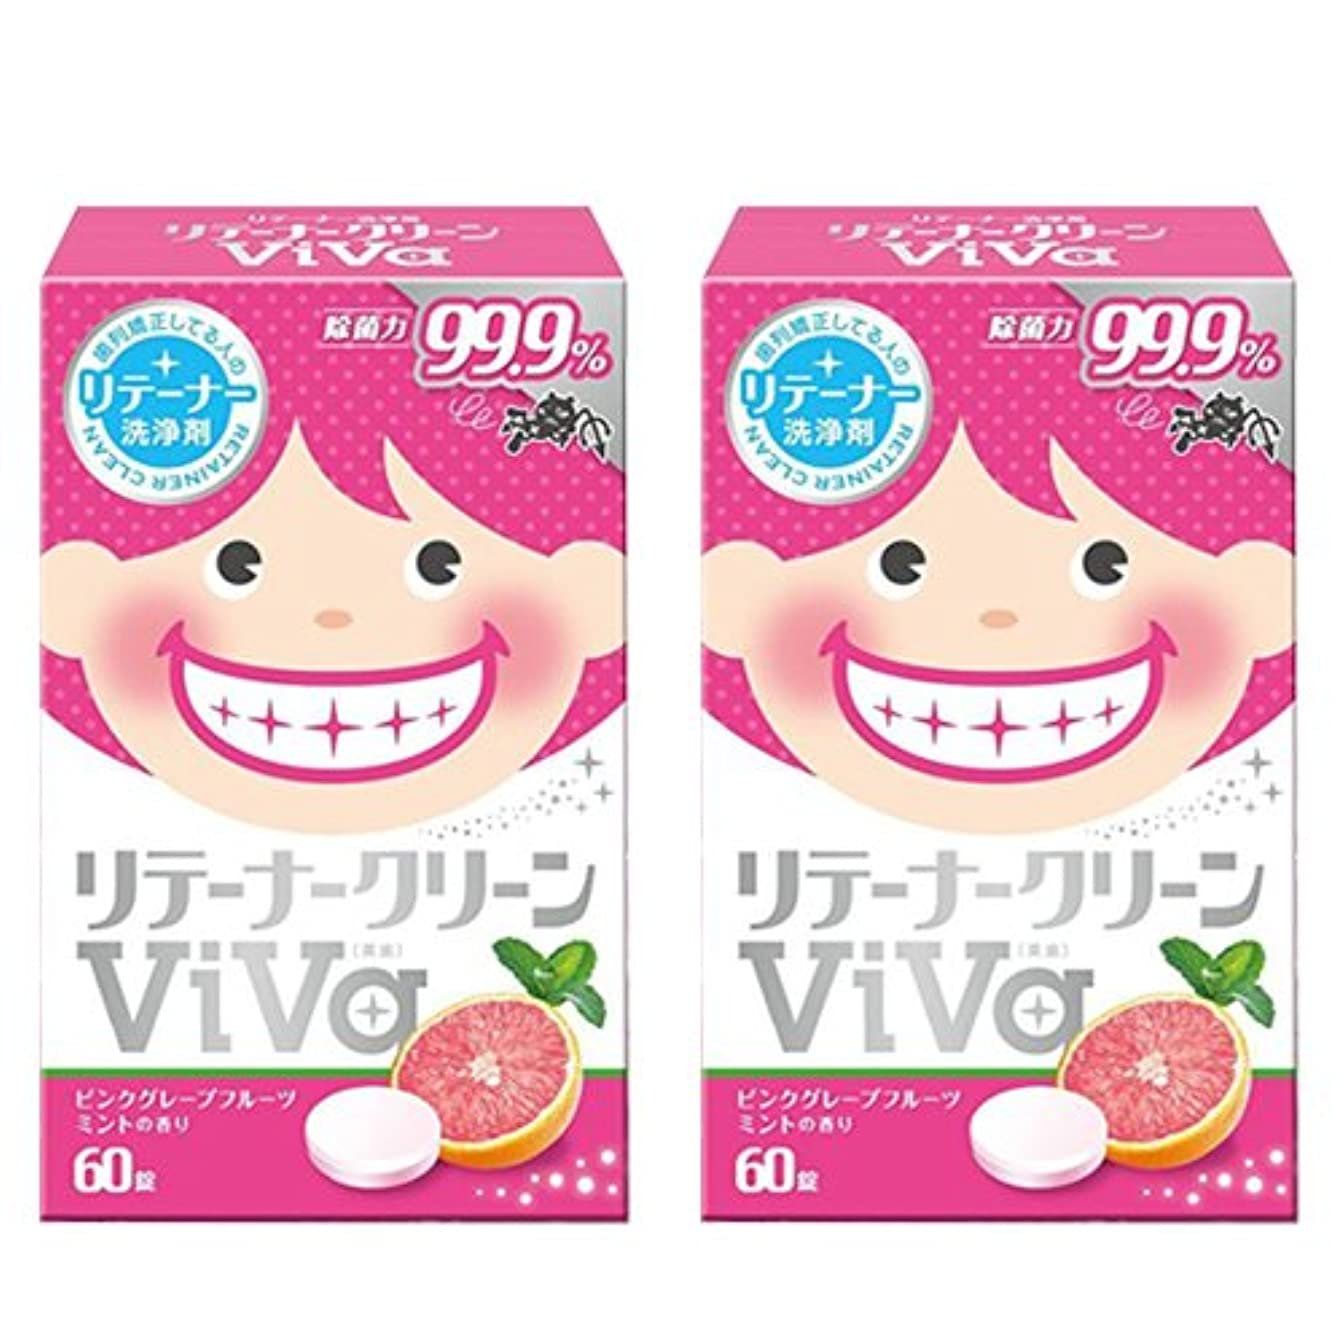 キャンディーパッケージシンボルリテーナークリーン ViVa 60錠 歯列矯正している人のリテーナー洗浄剤 (2箱)